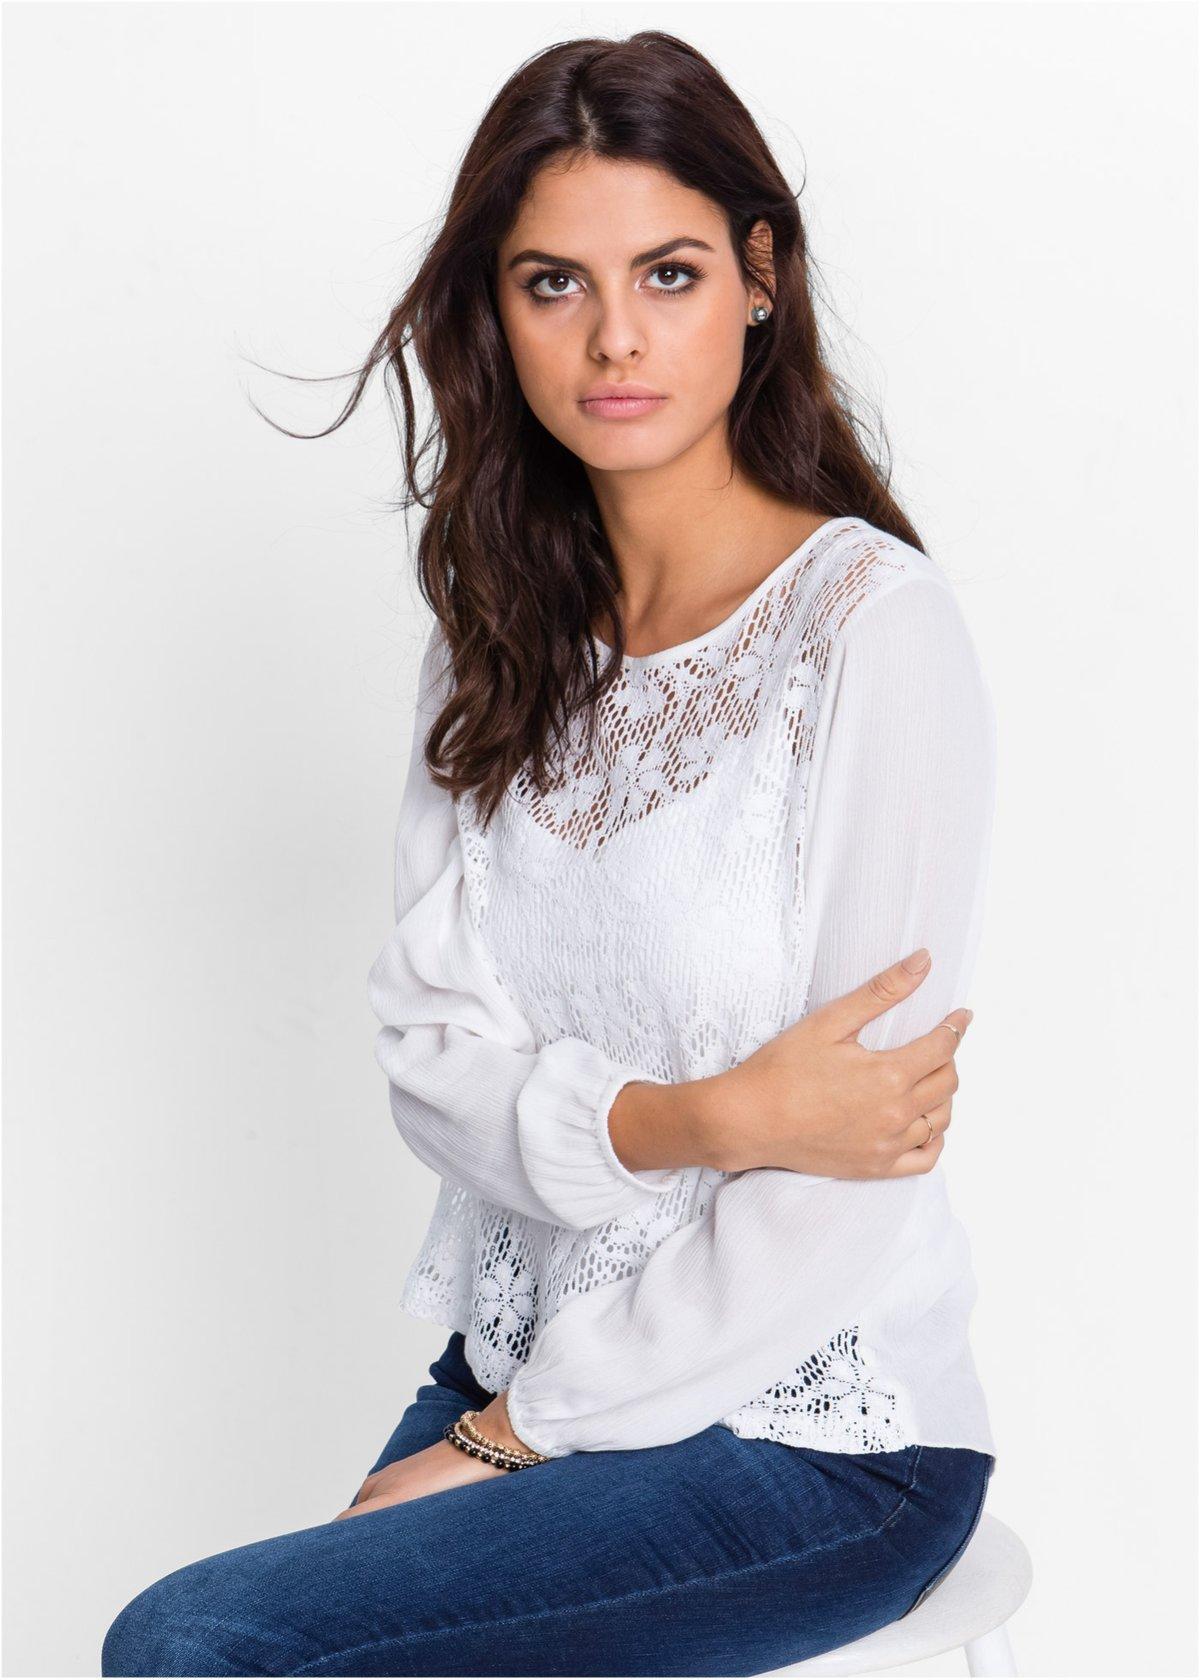 52a783819d8 ... Кружевная блузка из хлопка Красивая блузка с кружевной